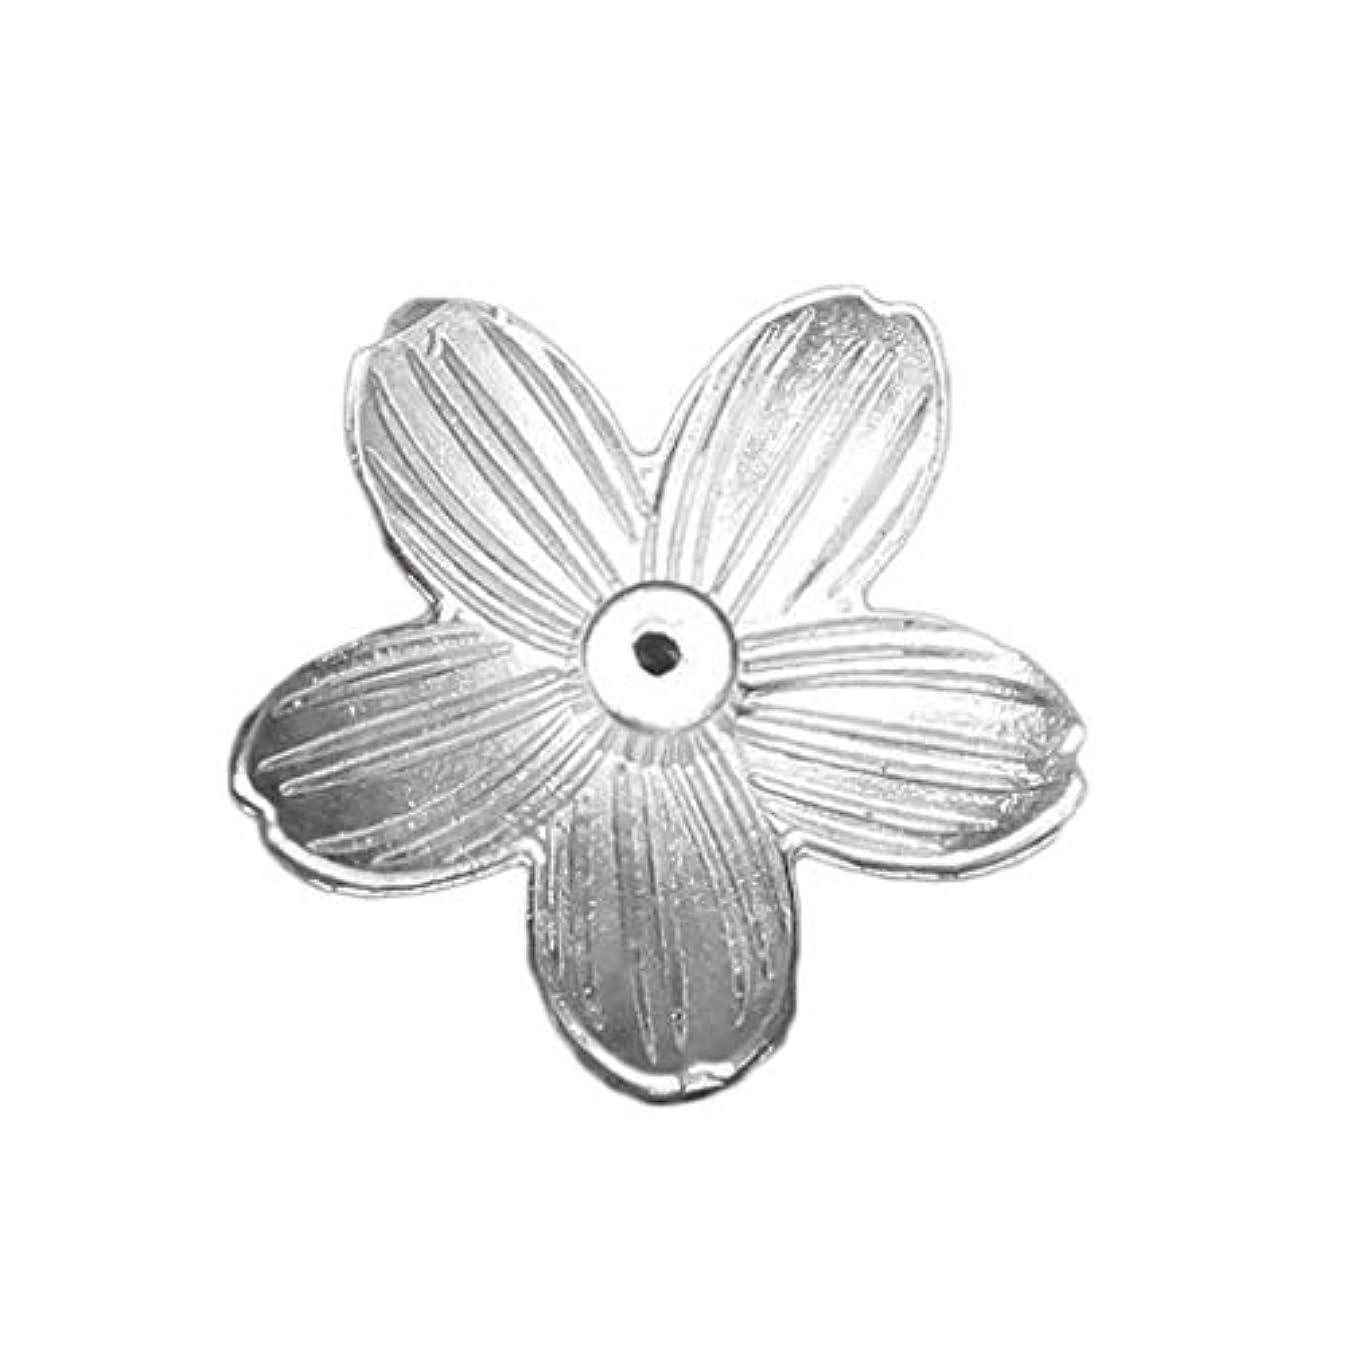 効果的苦しみ調整可能芳香器?アロマバーナー 1ピース桜の花柄香バーナースティックホルダー香ベースプラグ香スタンドホームデコレーション 芳香器?アロマバーナー (Color : C)